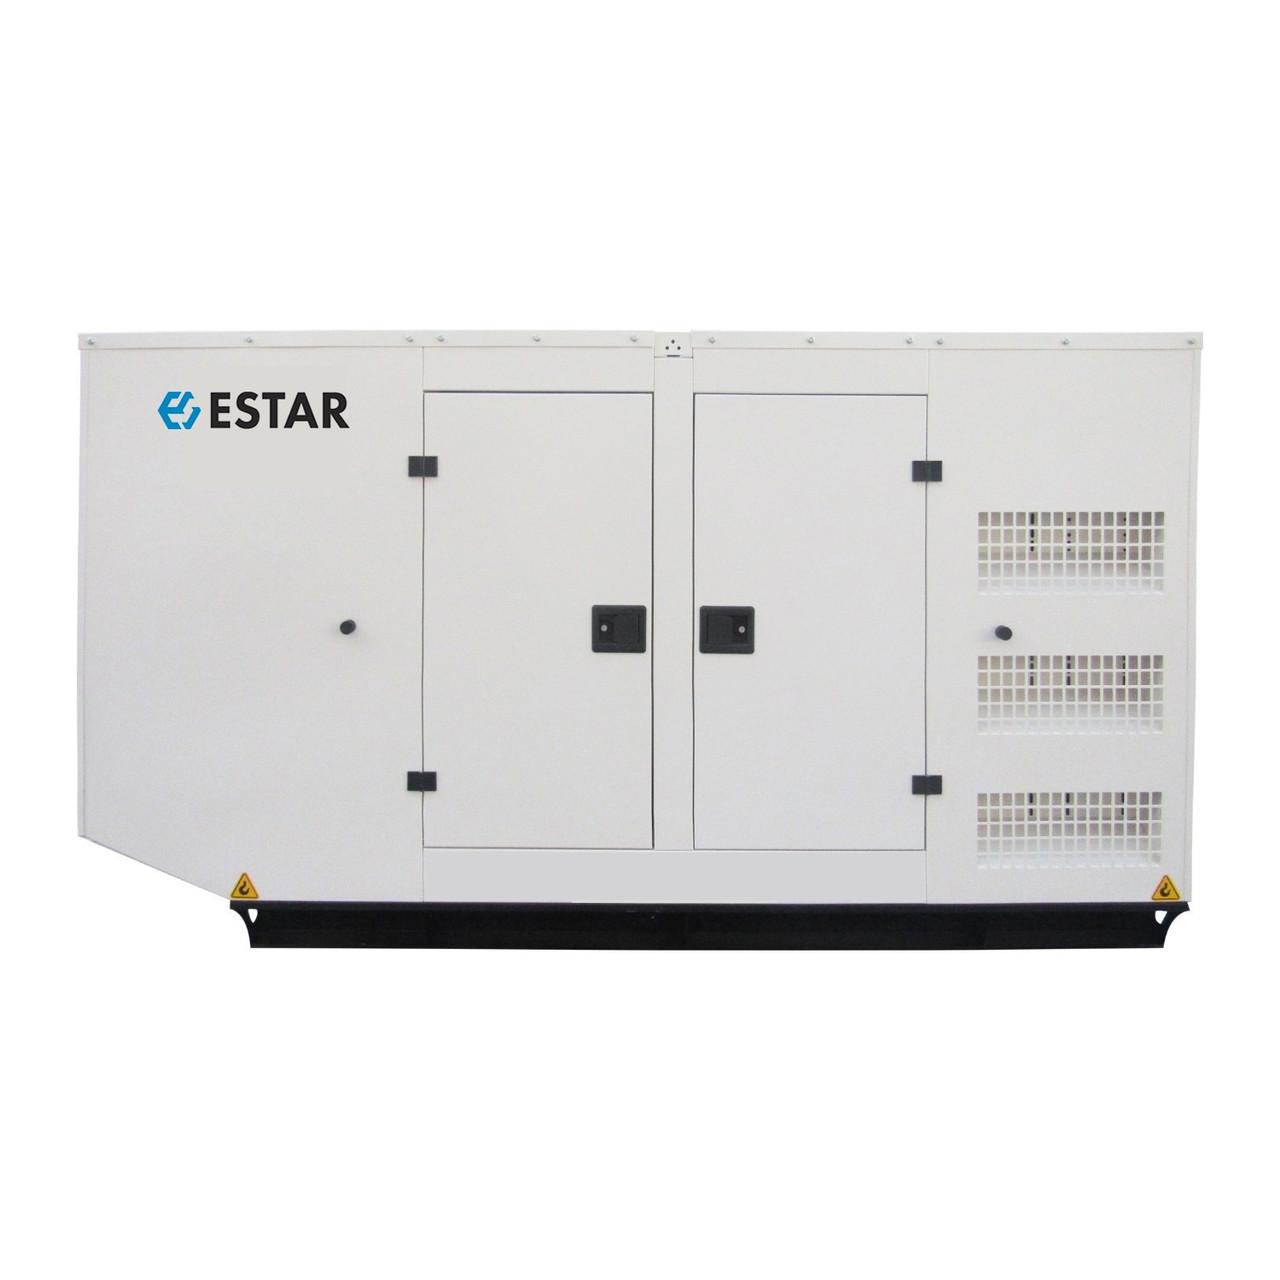 ⚡ESTAR ES225-RSA (180 кВт) + АВР (підігрів і автоматичний запуск)